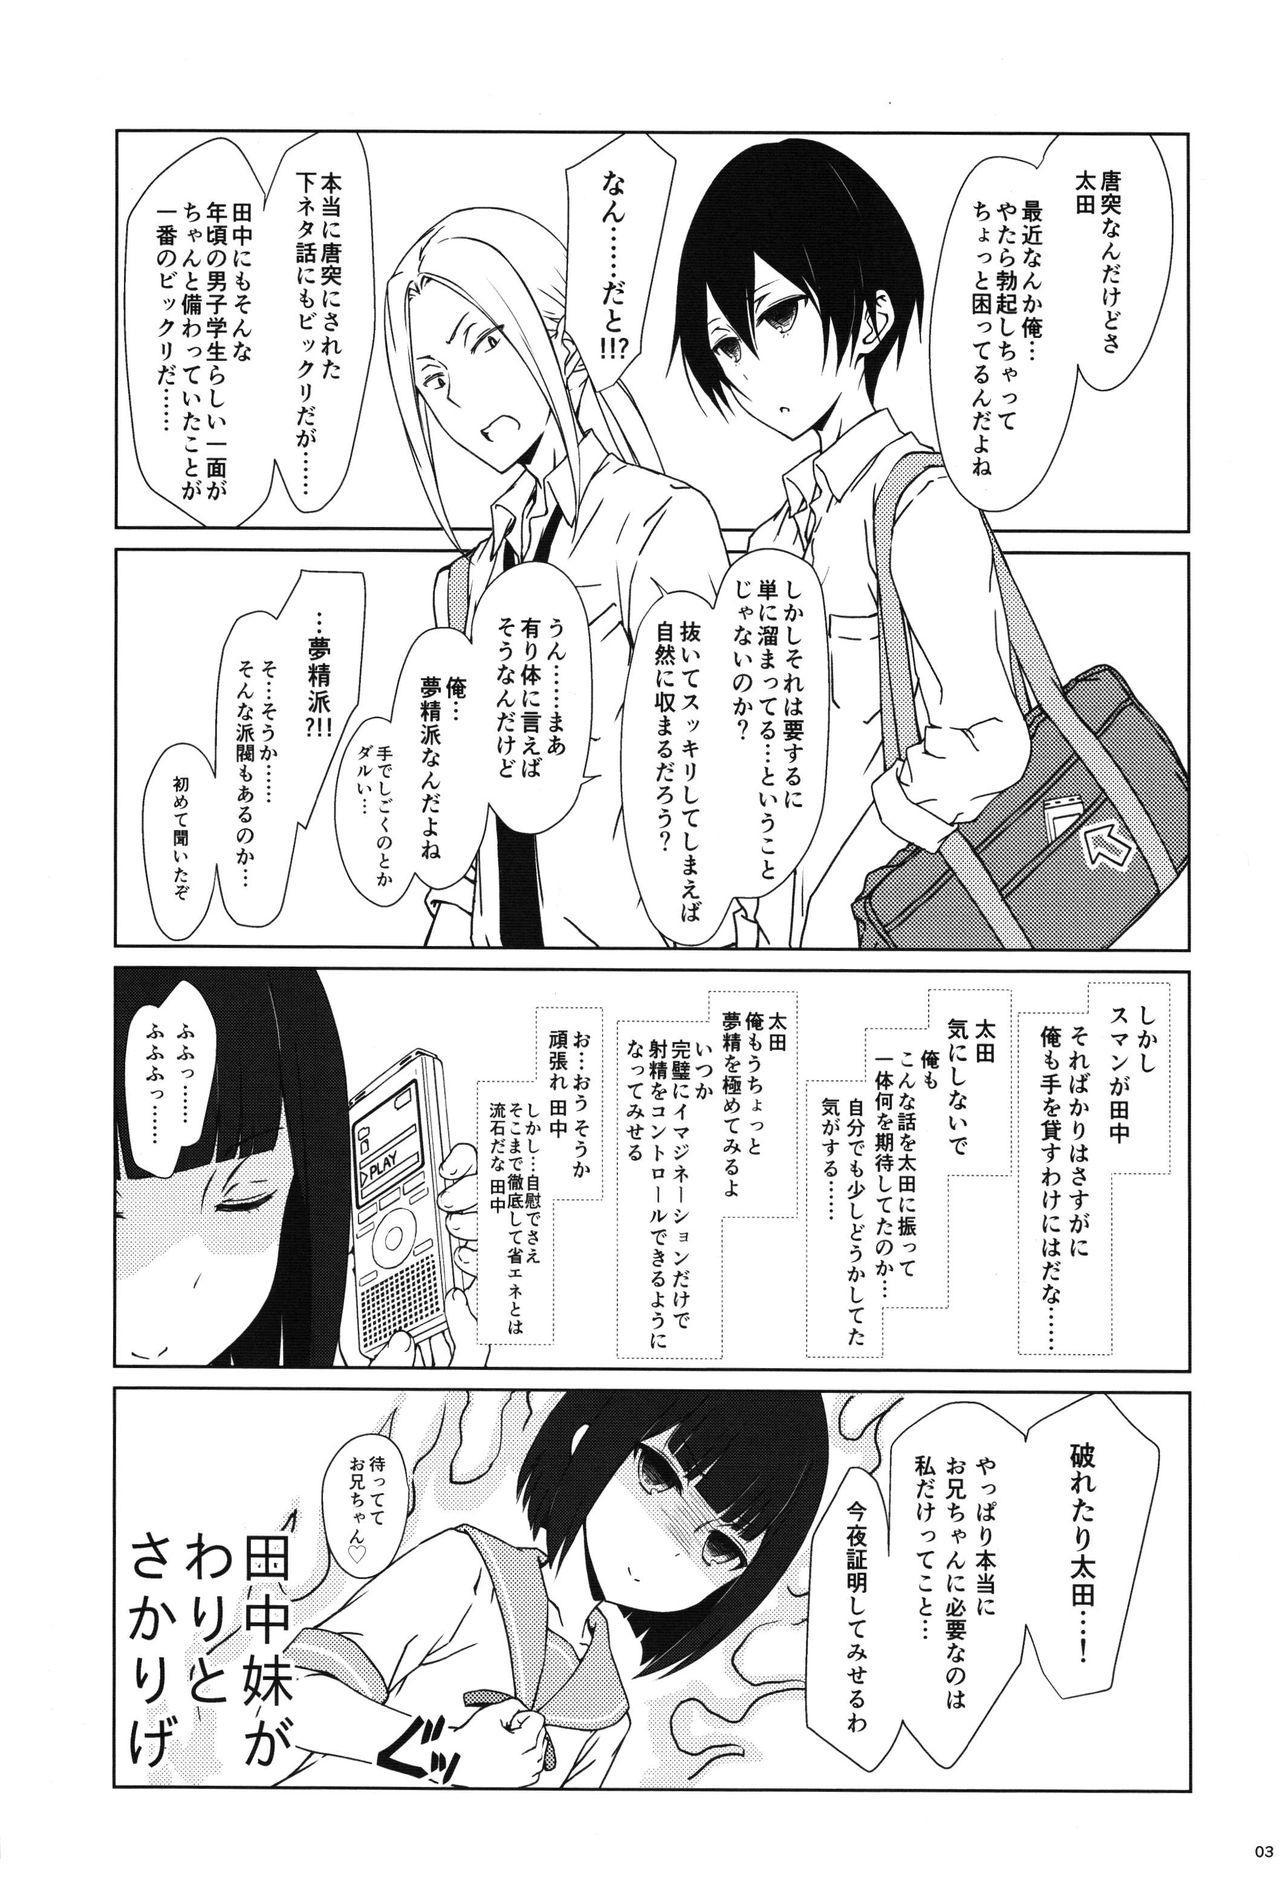 Tanaka Imouto ga Warito Sakarige 1